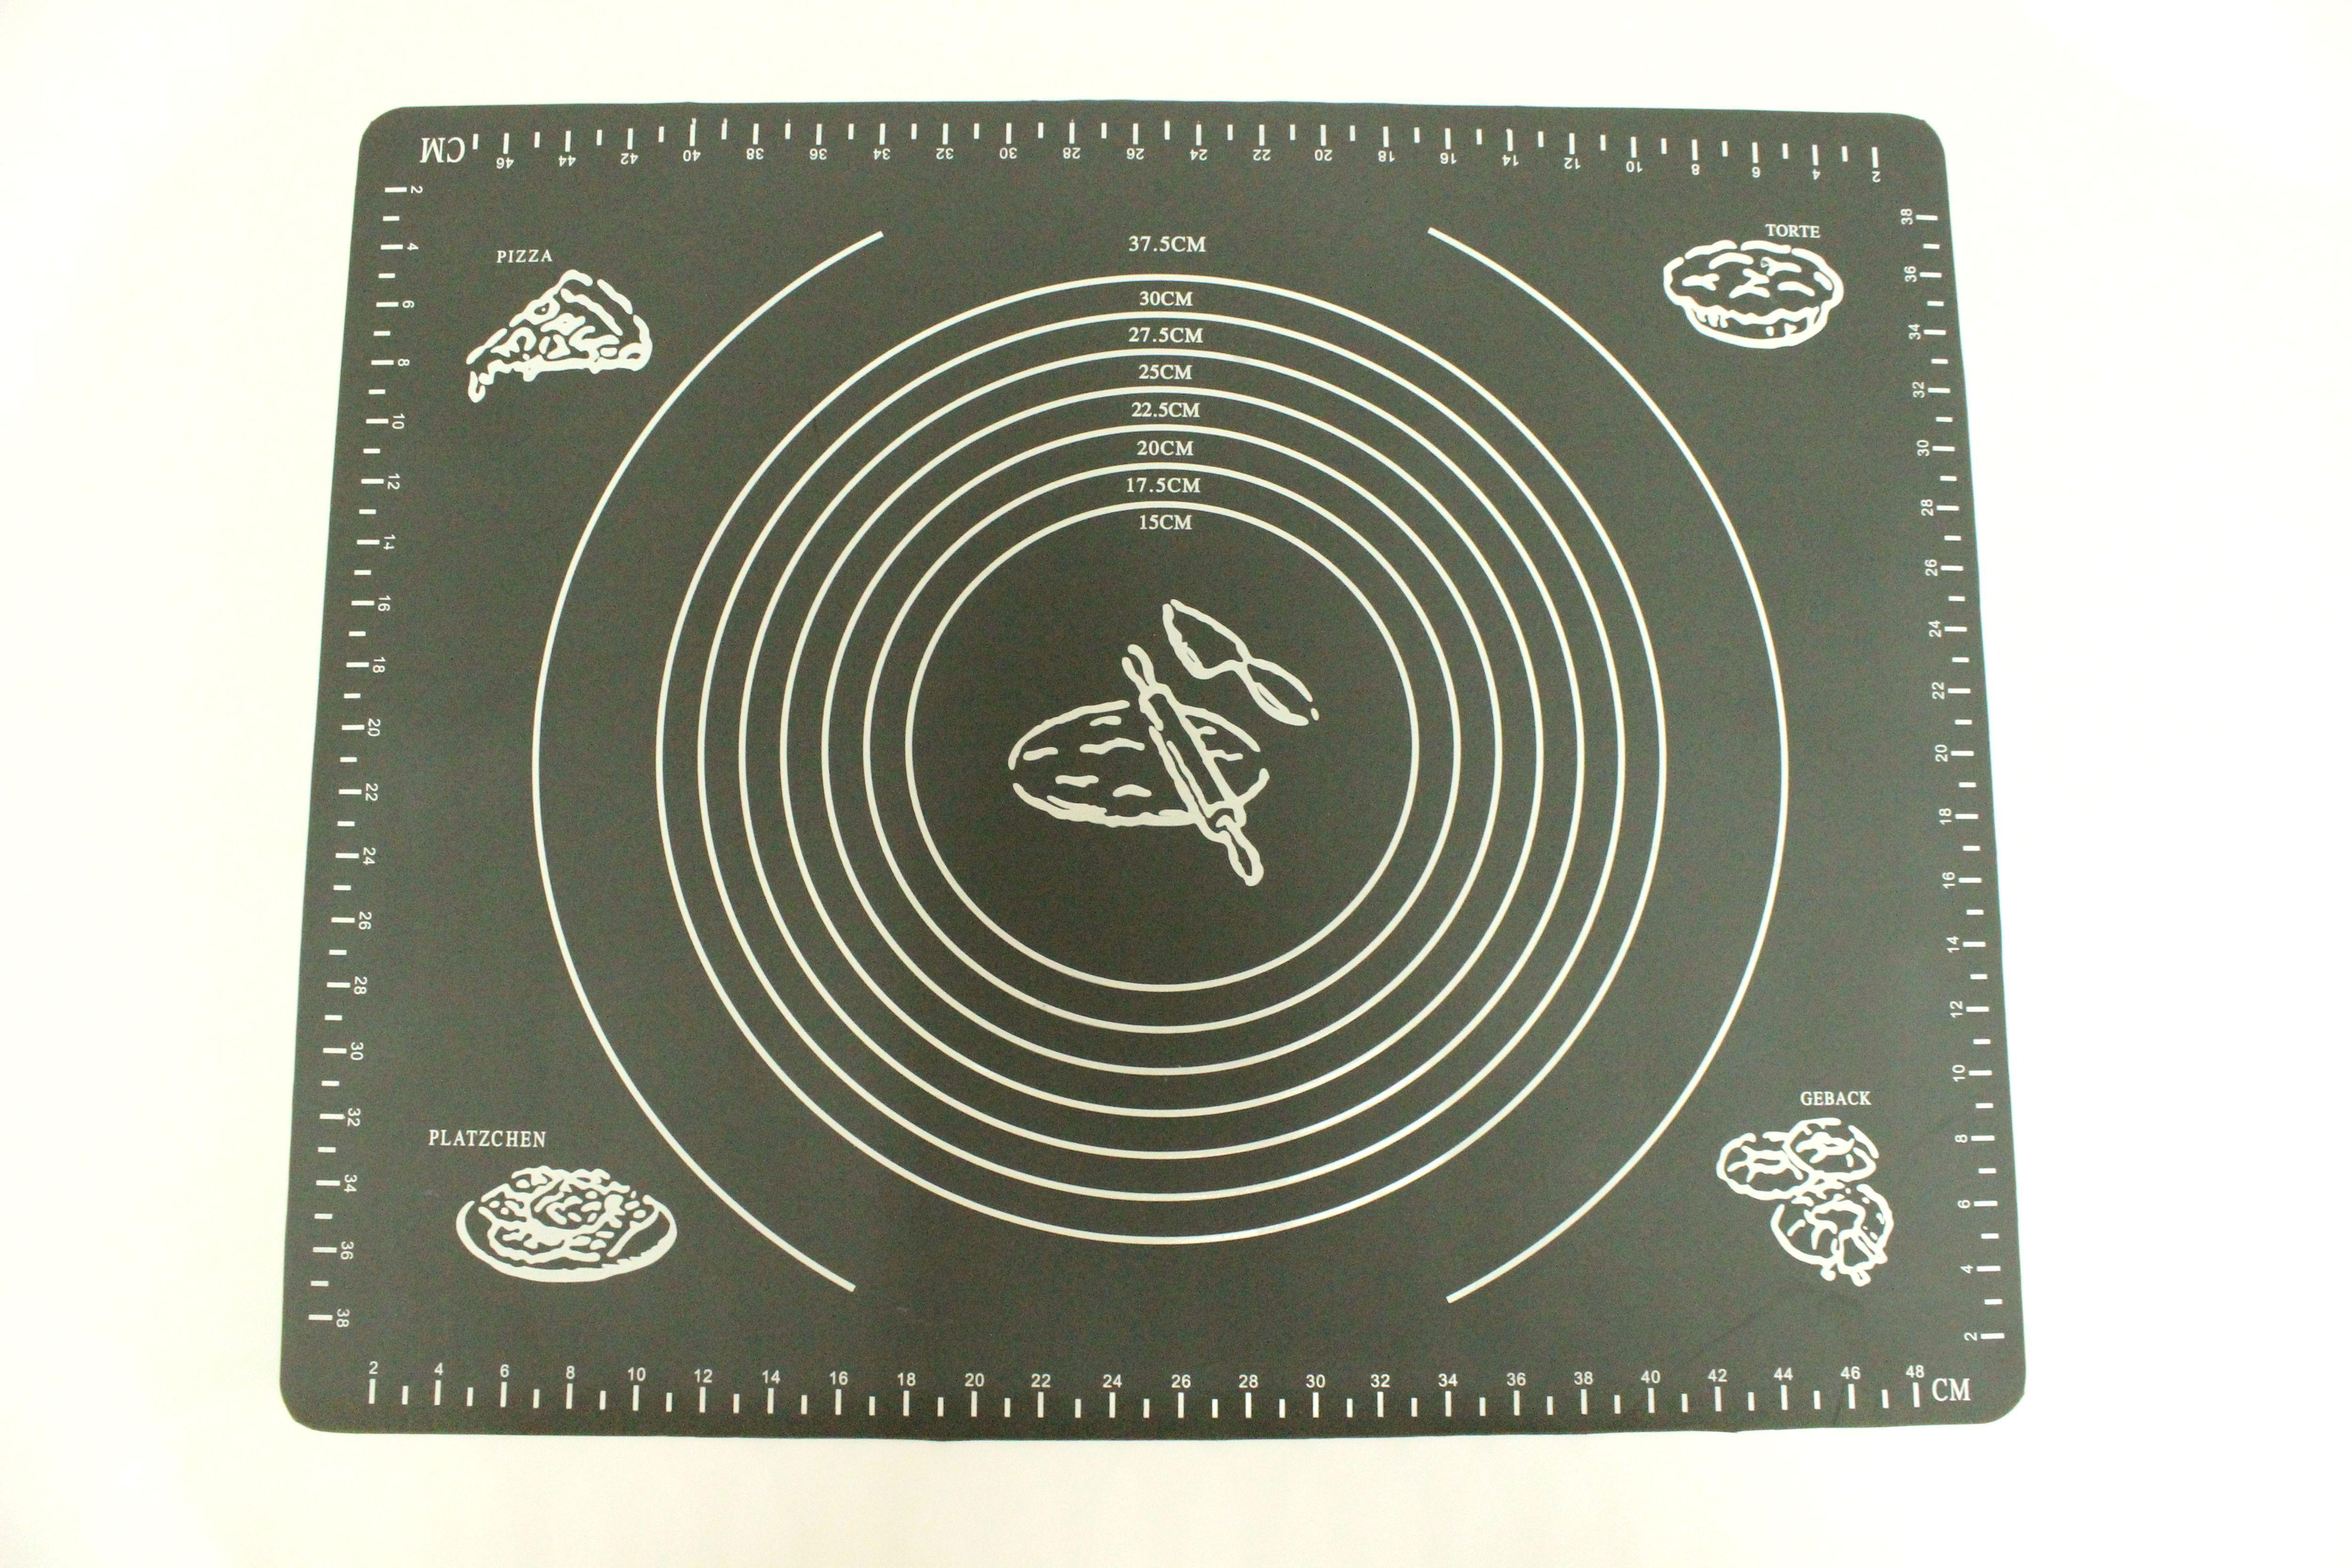 Коврик для выпечки Domodin, цвет: черный, 40 х 50 смSL4020-2Коврик для выпечки изготовлен из силикона, поэтому легко гнется и выдерживает температуру до +230 °С. Предназначен для гигиеничного приготовления любой выпечки из теста. Коврик оснащен мерной шкалой по краям (48 см х 38 см) и круглым шаблоном для теста (диаметр 15-37,5 см). Раскатывая тесто на таком коврике, вы всегда сможете придать ему нужный размер. Кроме того, тесто не прилипает. Коврик очень удобный и облегчит приготовление теста.